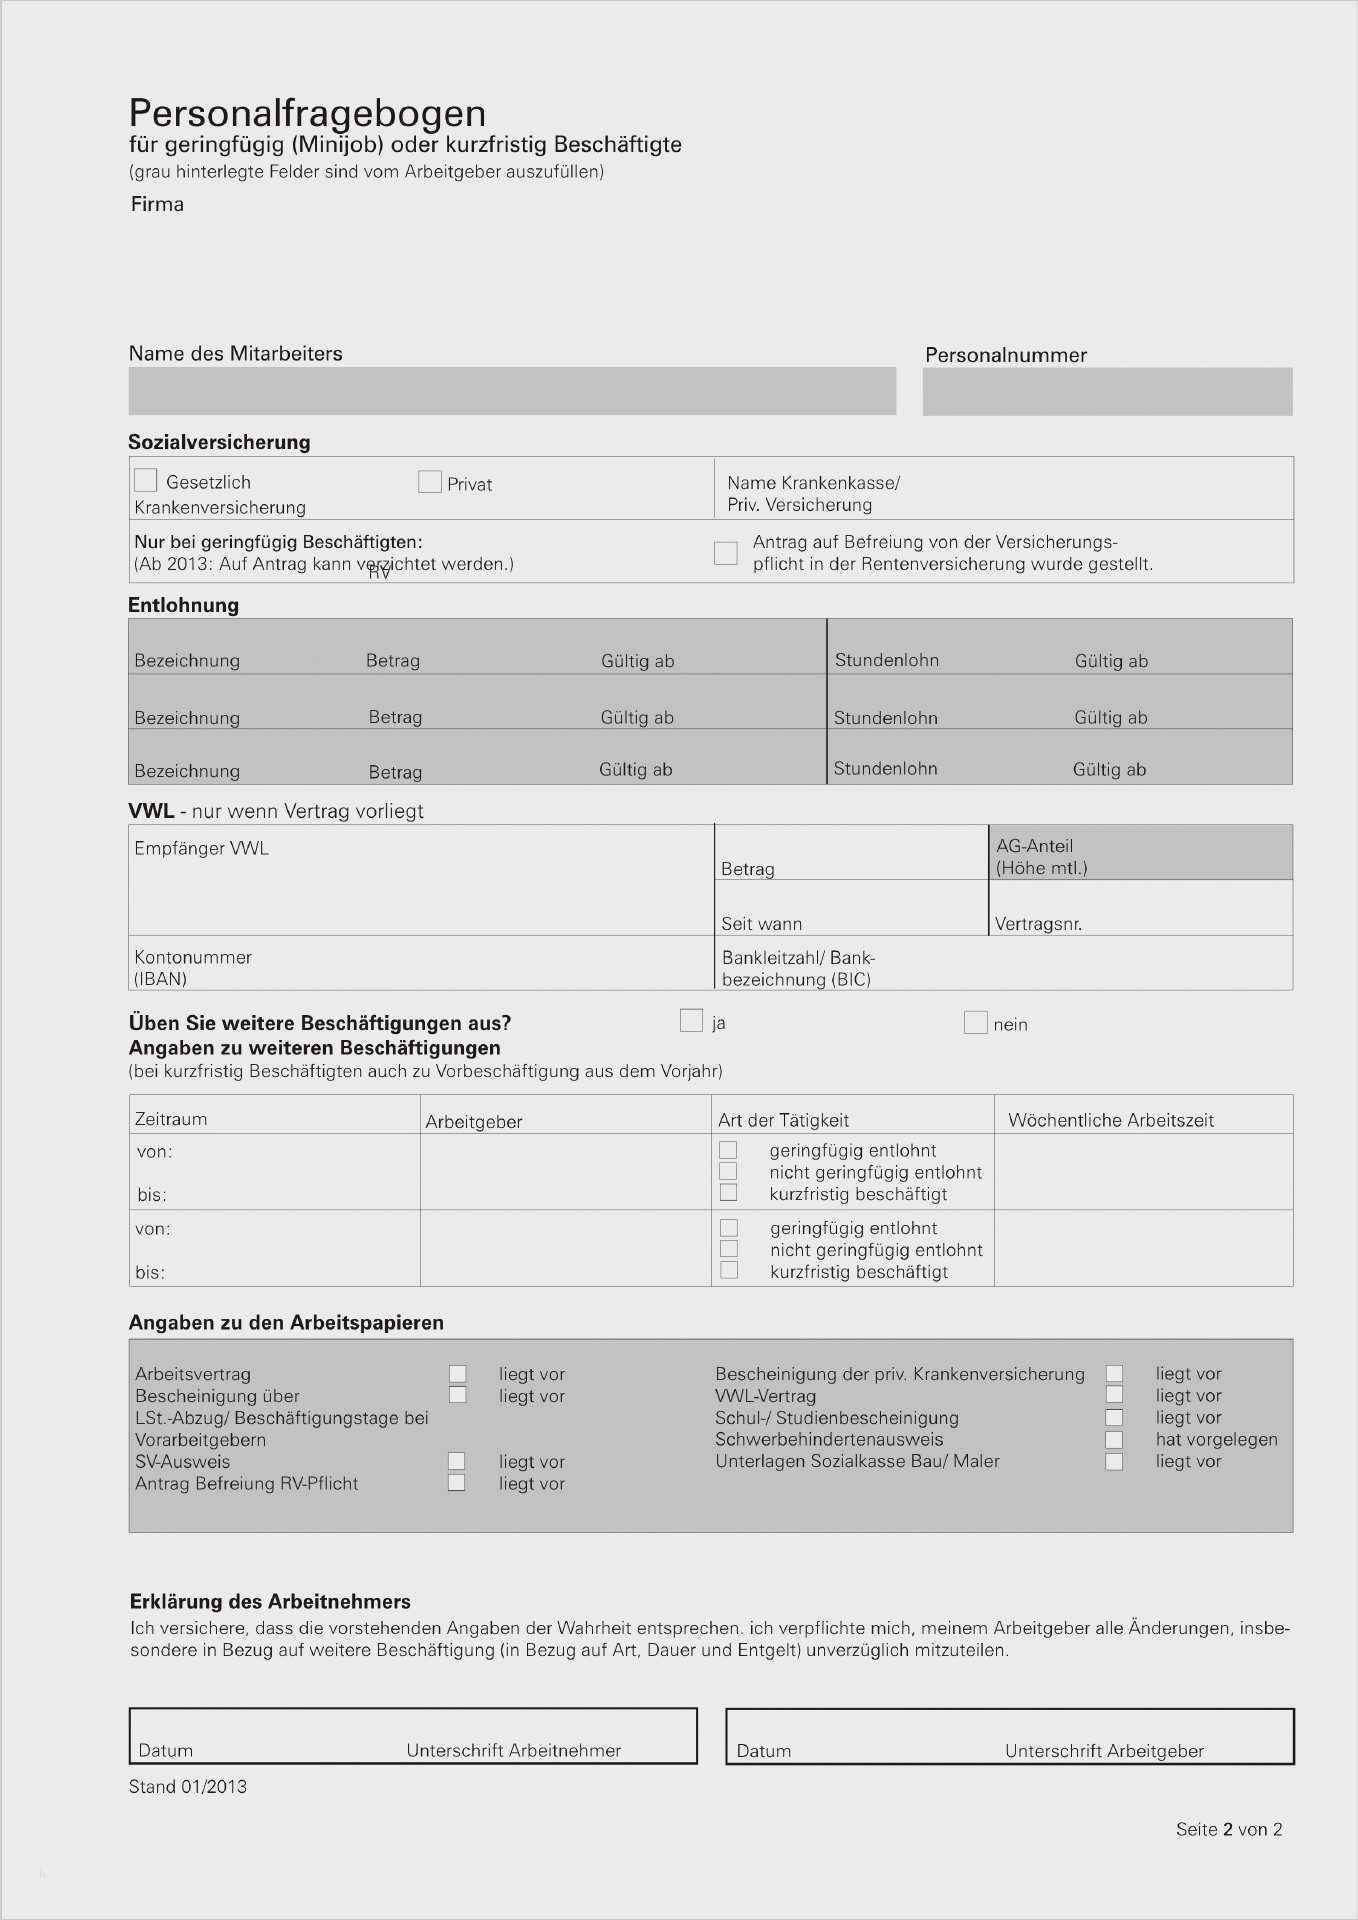 33 Cool Vorlage Zur Dokumentation Der Taglichen Arbeitszeit Kostenlos Gut Designt Diese Konne In 2020 Lebenslauf Layout Dokumentation Vorlagen